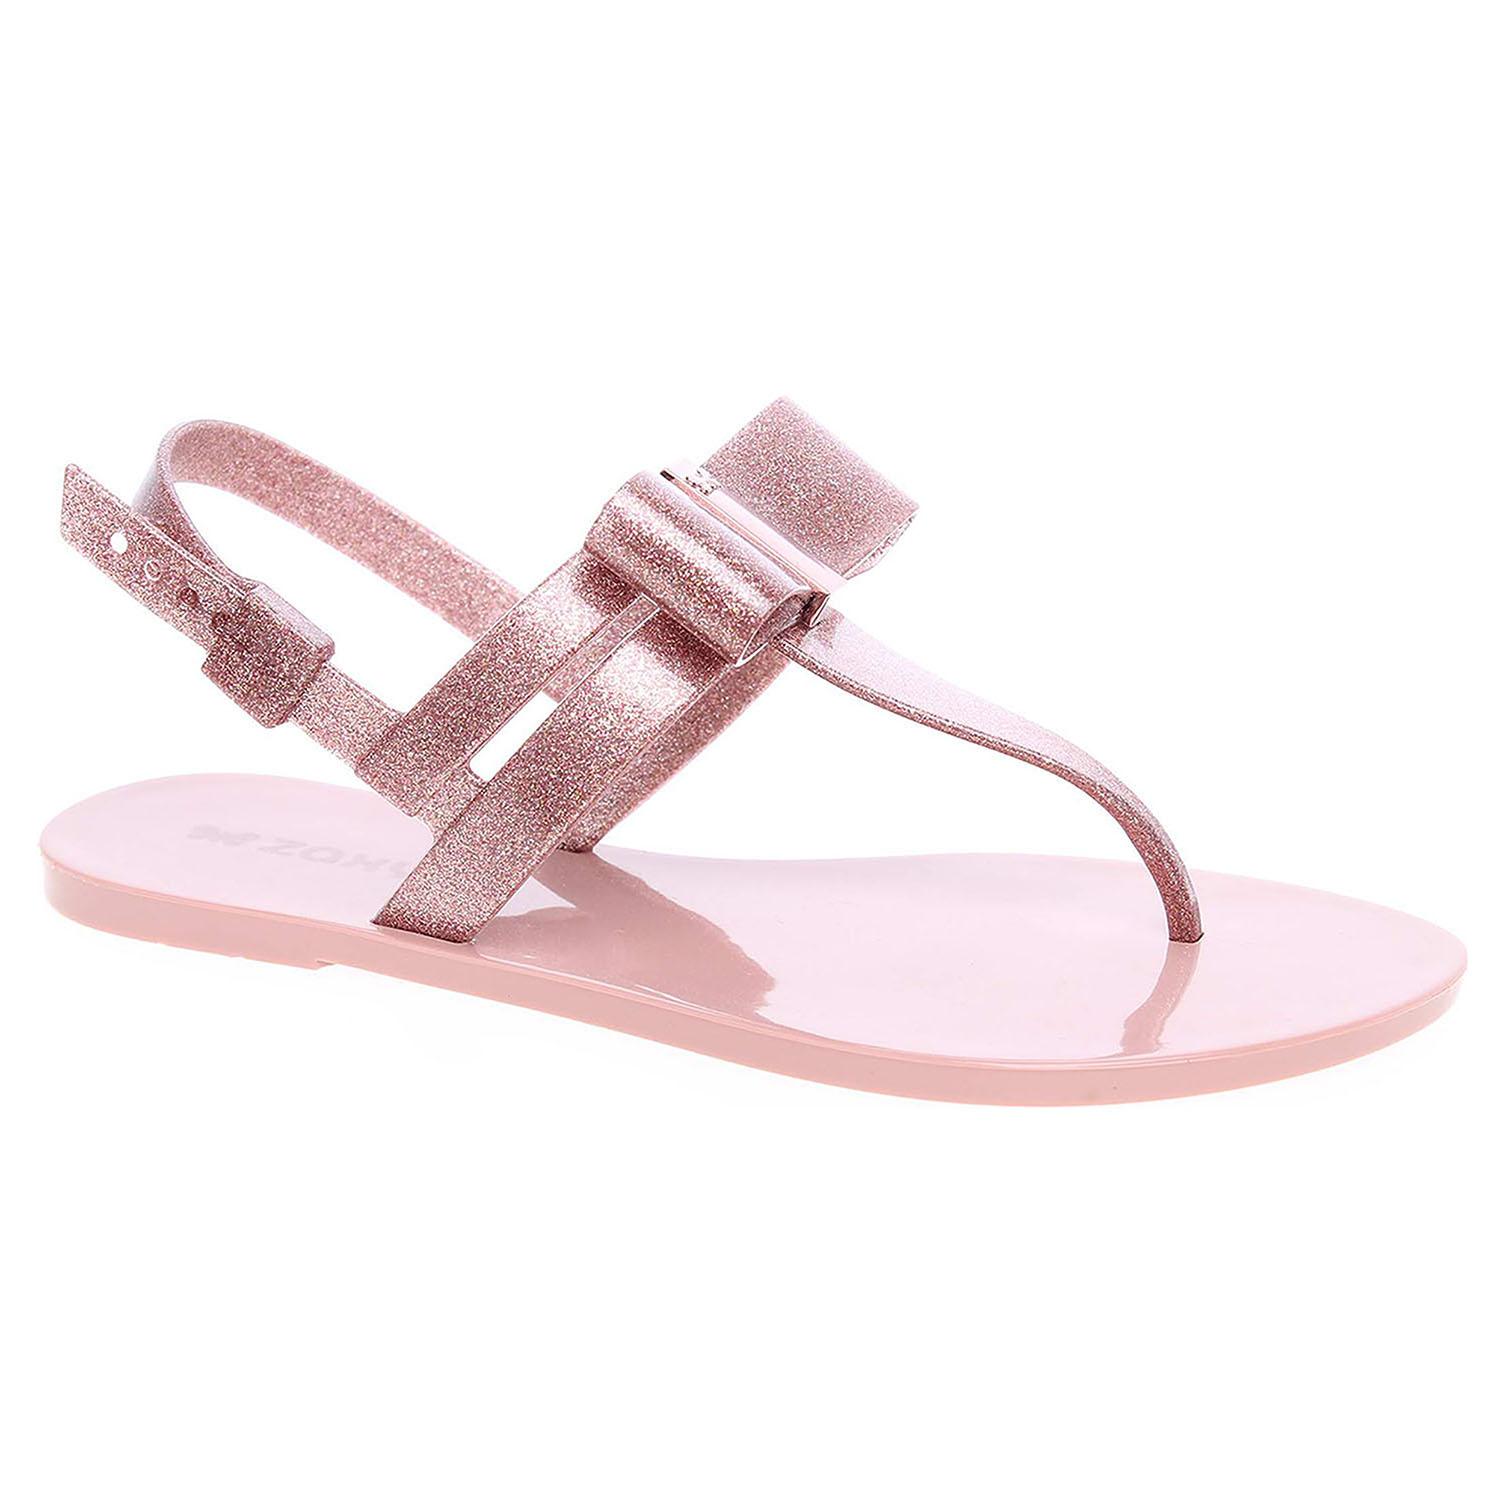 Ecco Dámské sandály Zaxy plážové 17201 90290 glitter rose 23700369